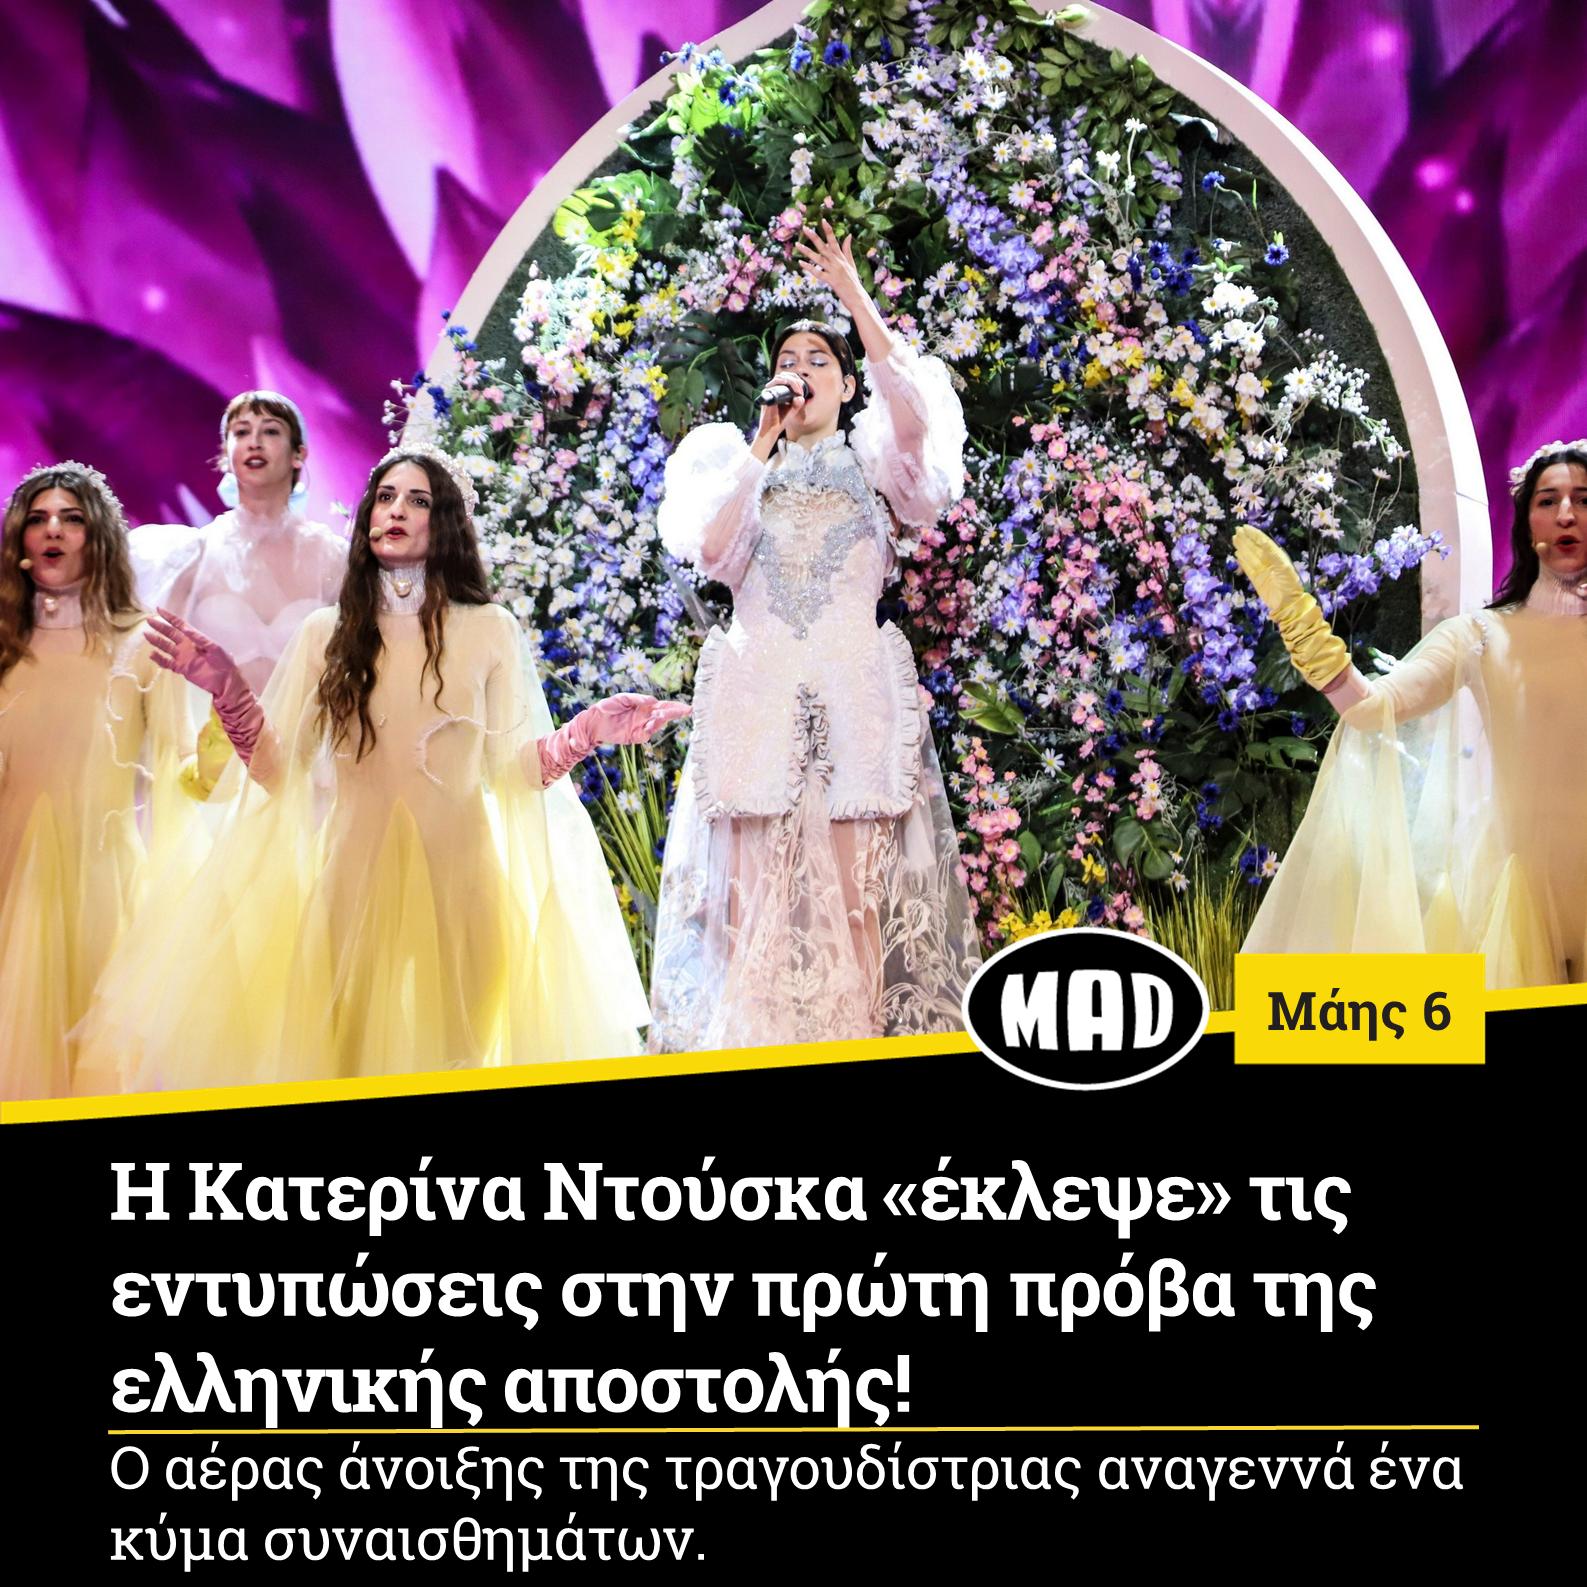 Η Κατερίνα Ντούσκα «έκλεψε» τις εντυπώσεις στην πρώτη πρόβα της ελληνικής αποστολής!